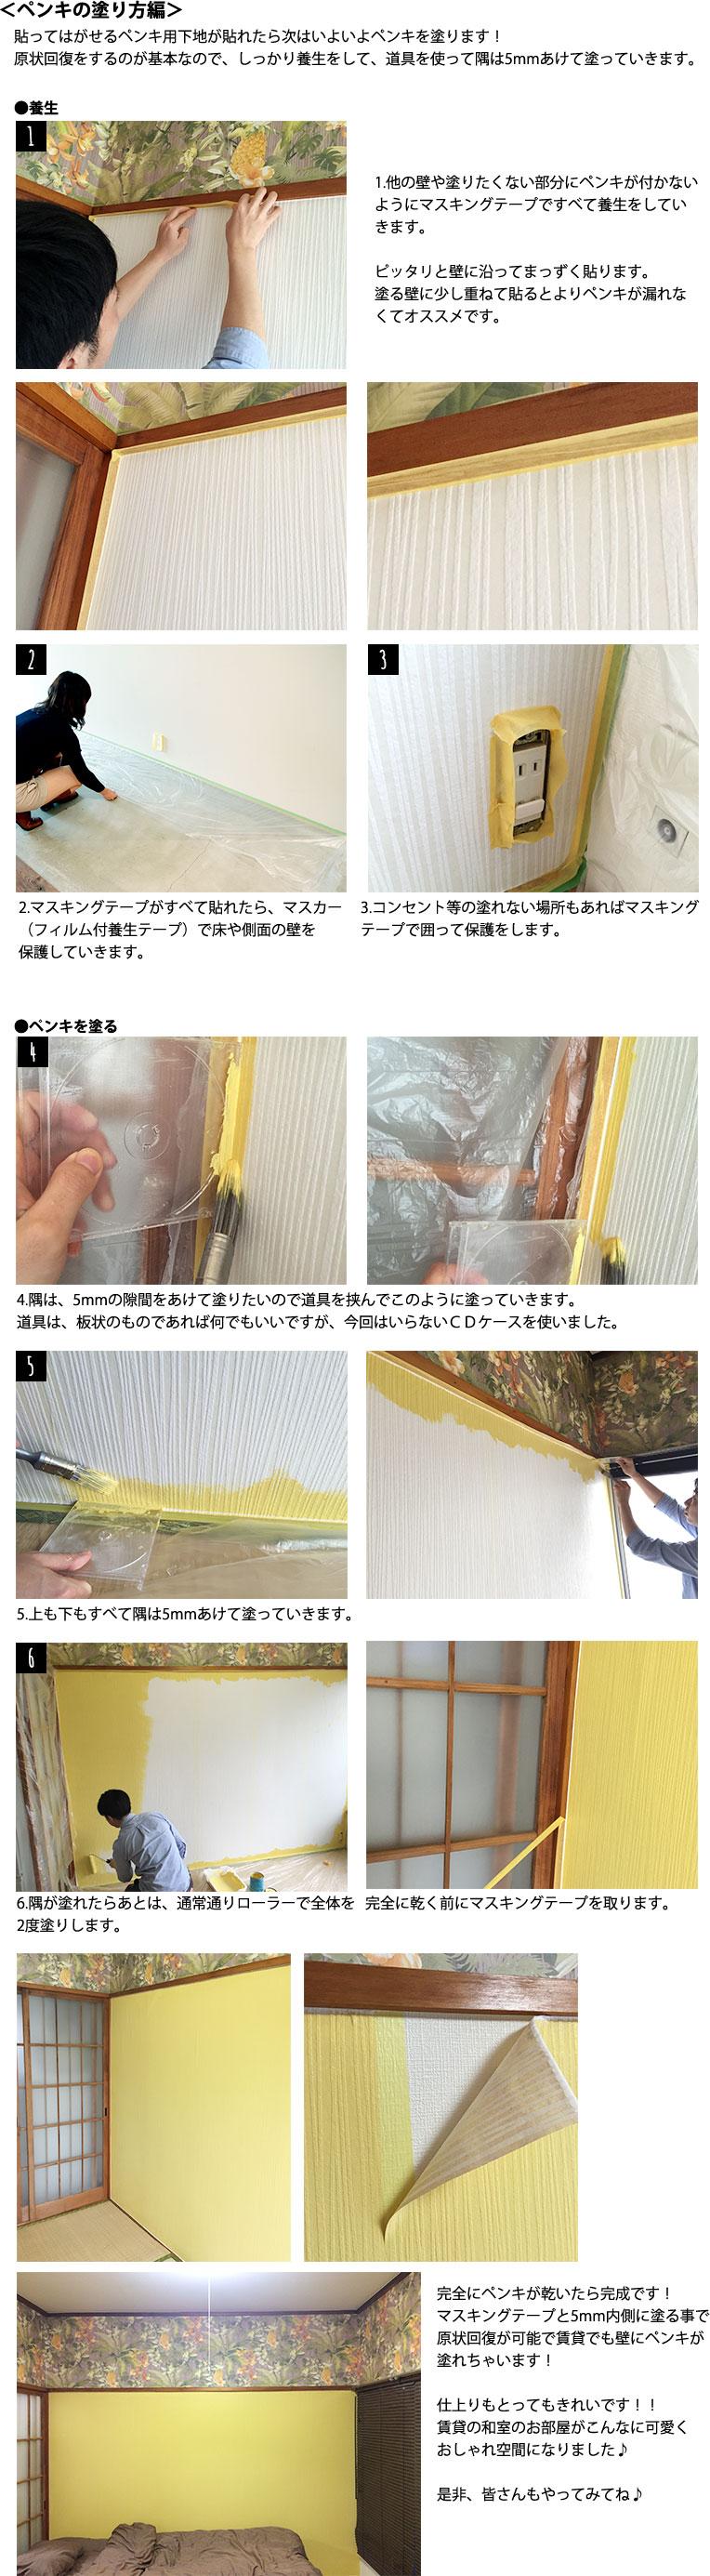 楽天市場 特集 原状回復できる 賃貸でペンキを塗る方法 壁紙革命 賃貸でもおしゃれに